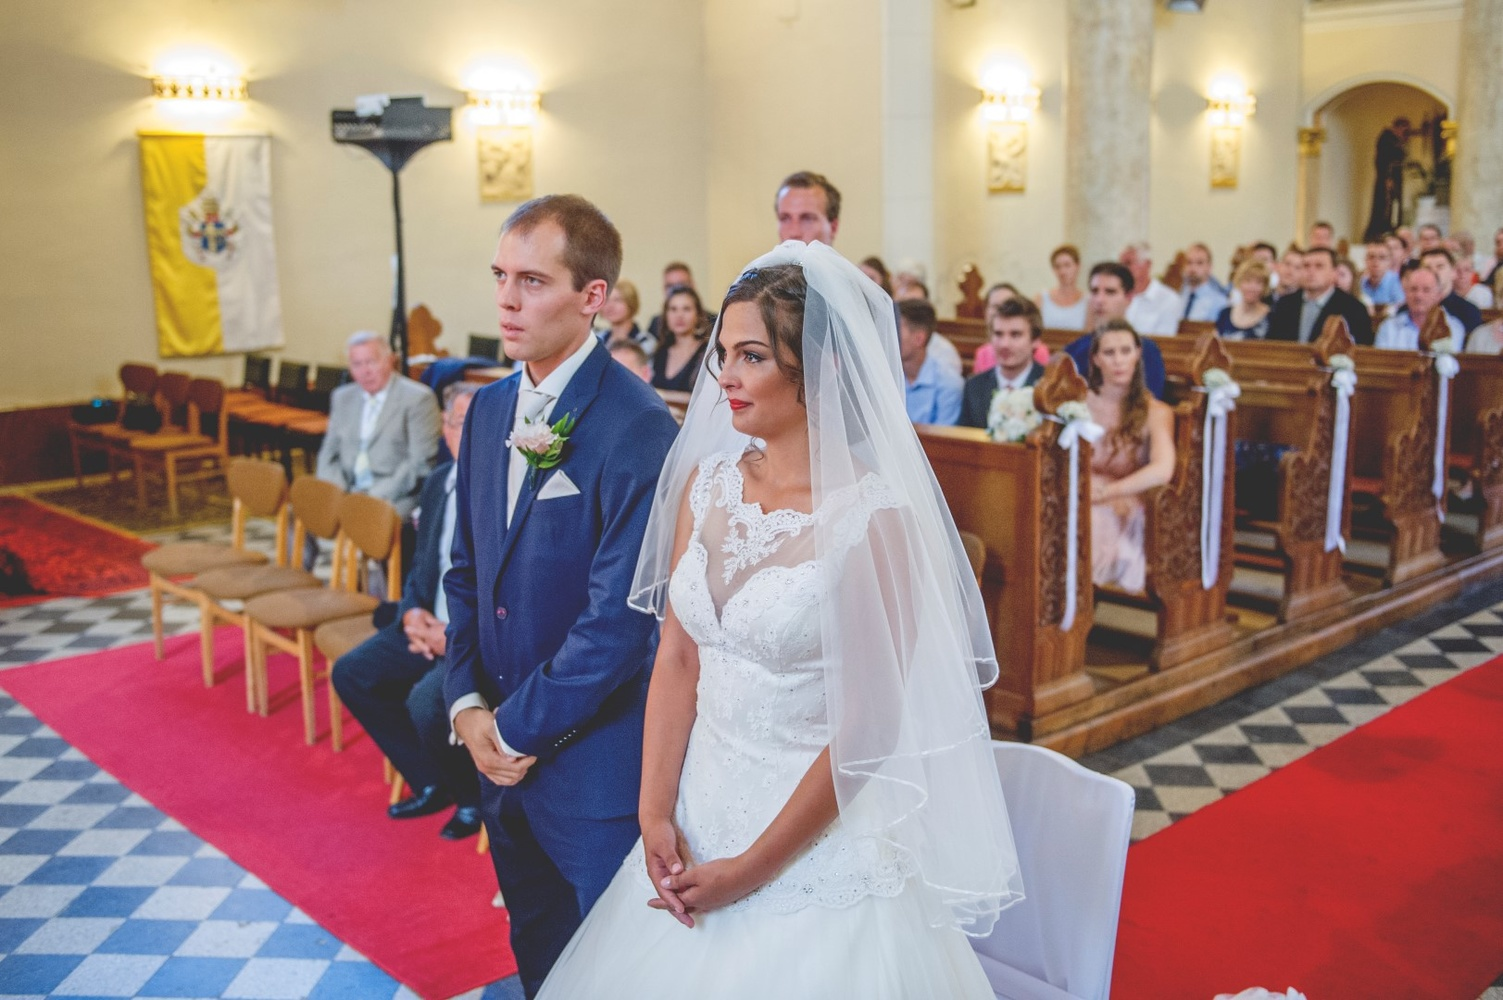 http://www.fotoz.sk/images/gallery-5/normal/eskuvo_rengo-bisztro_058.jpg